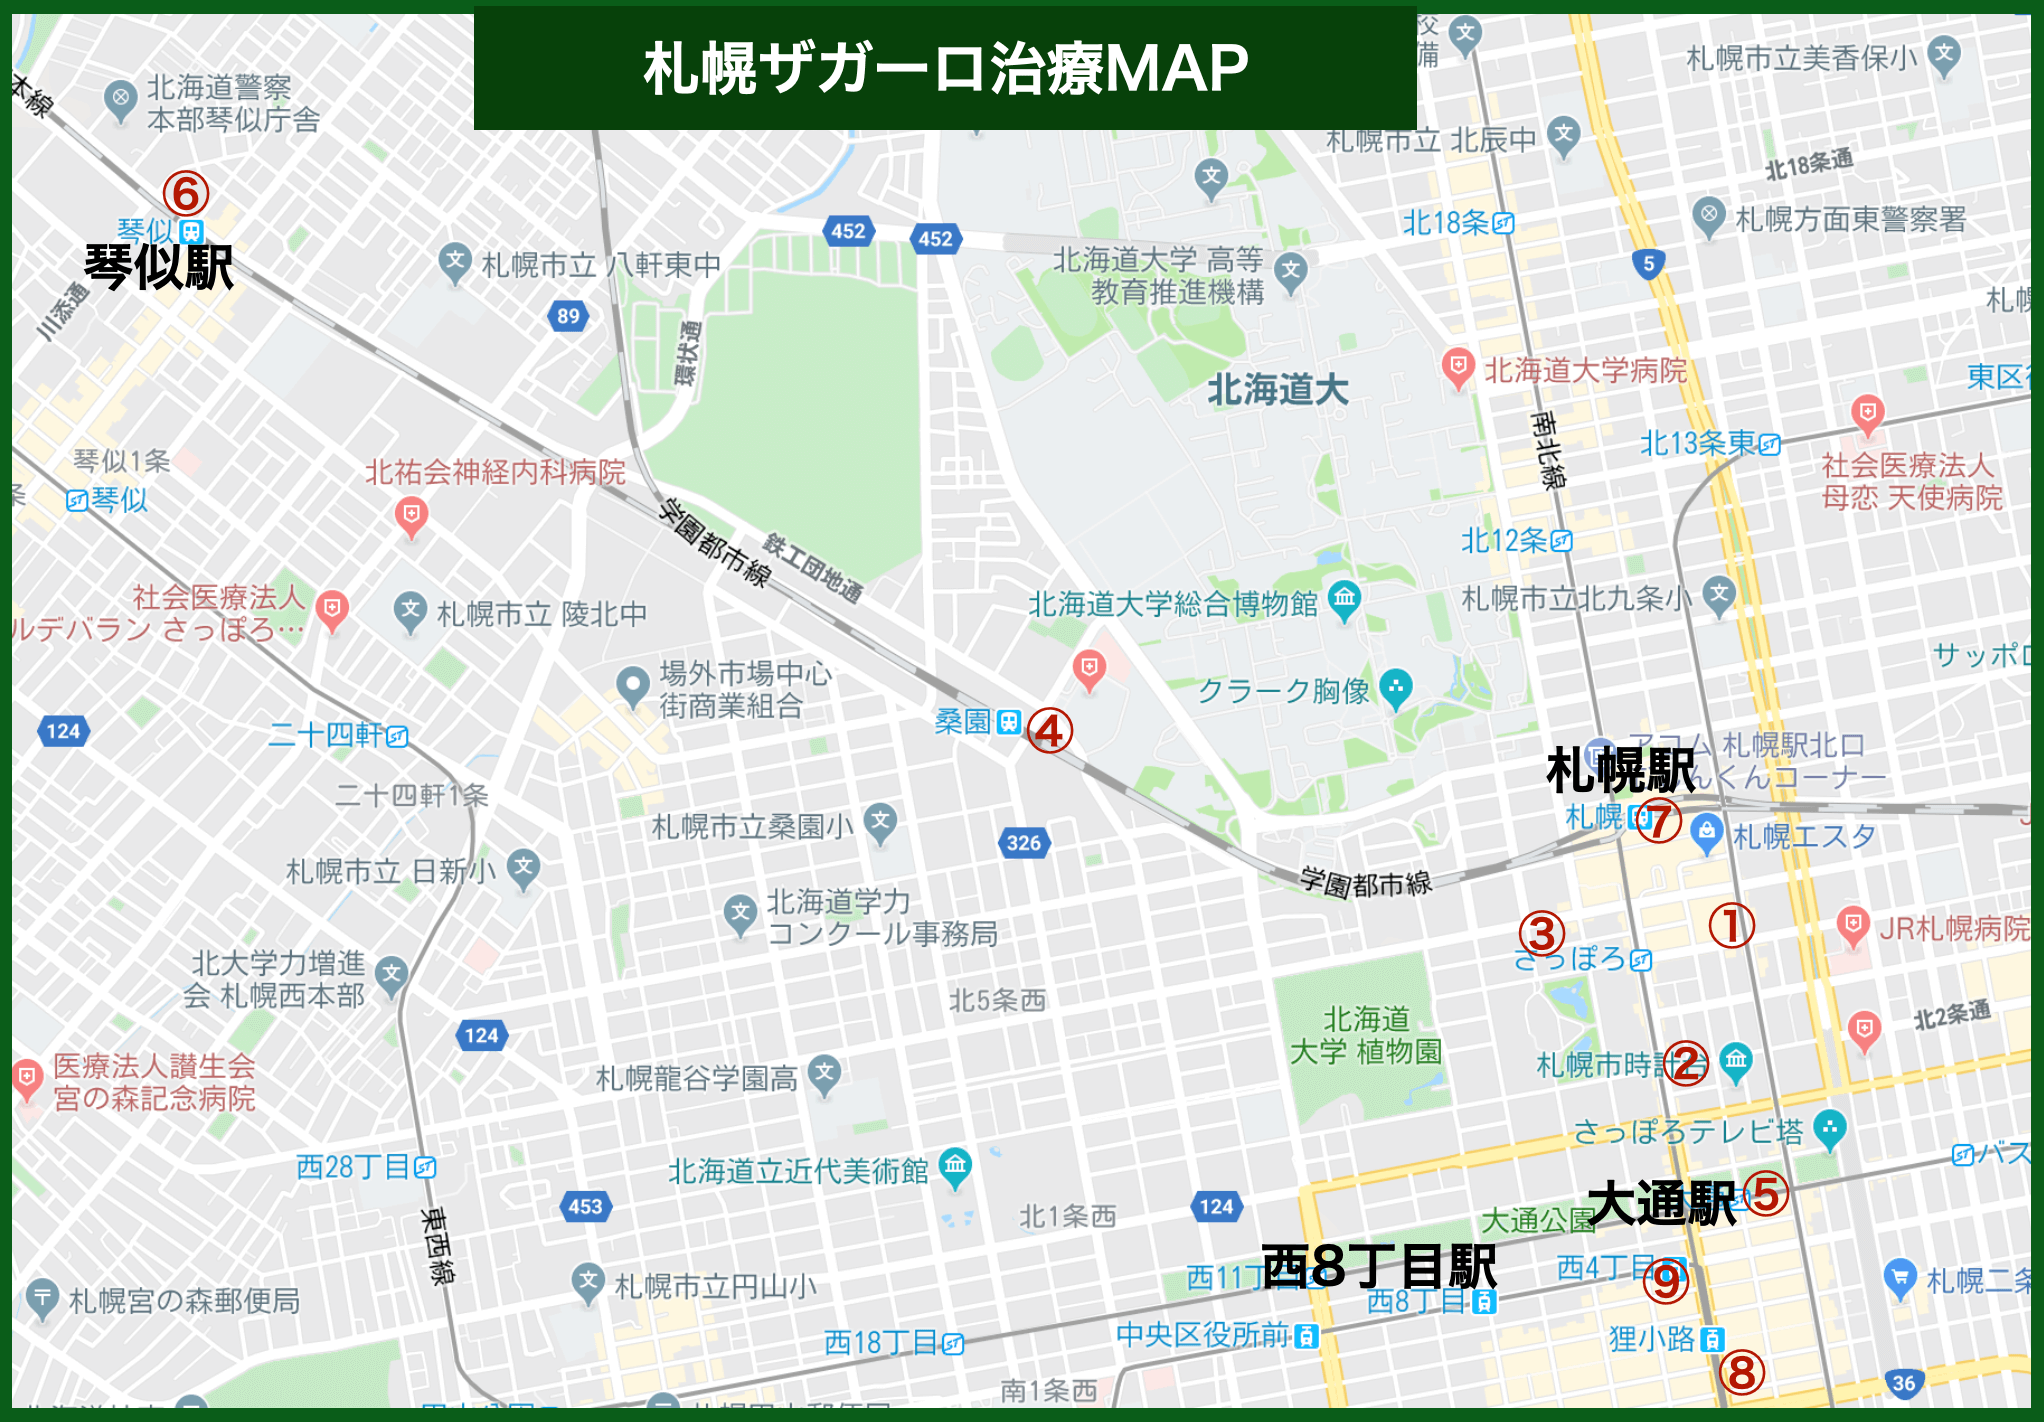 札幌ザガーロ治療MAP